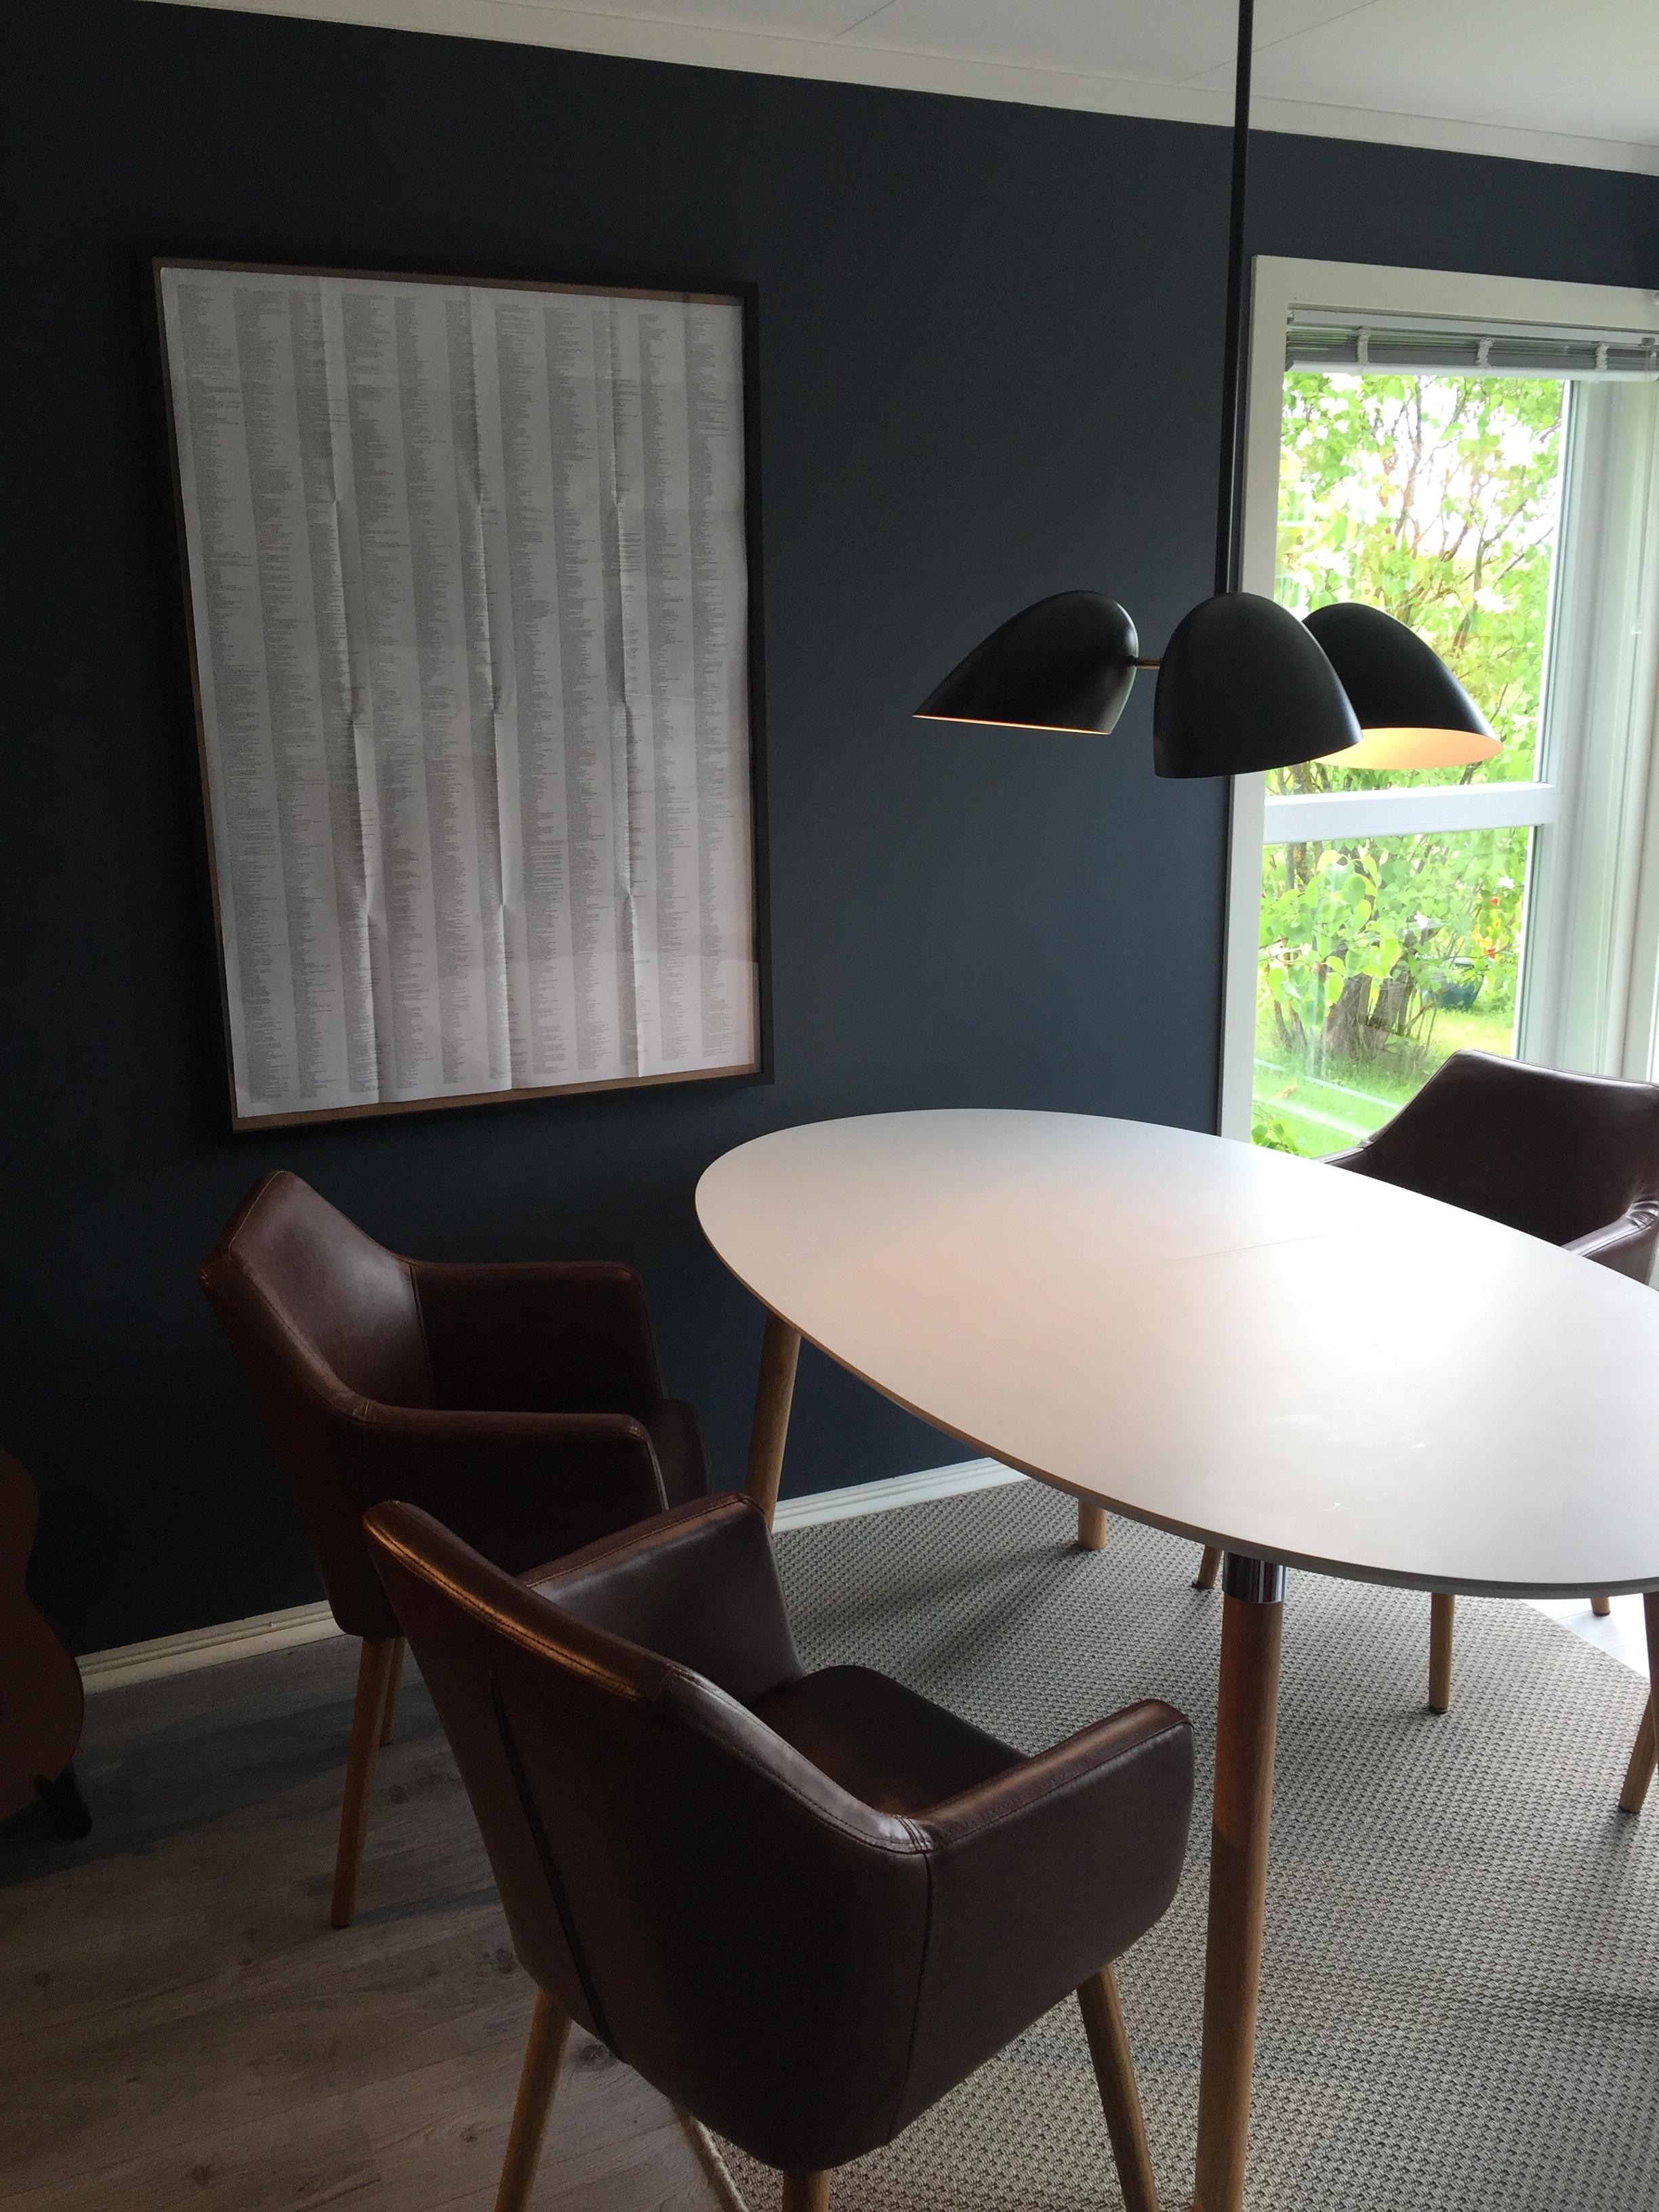 Deco blue vegger, lampe fra Frandsen Lighting, stoler fra Bohus